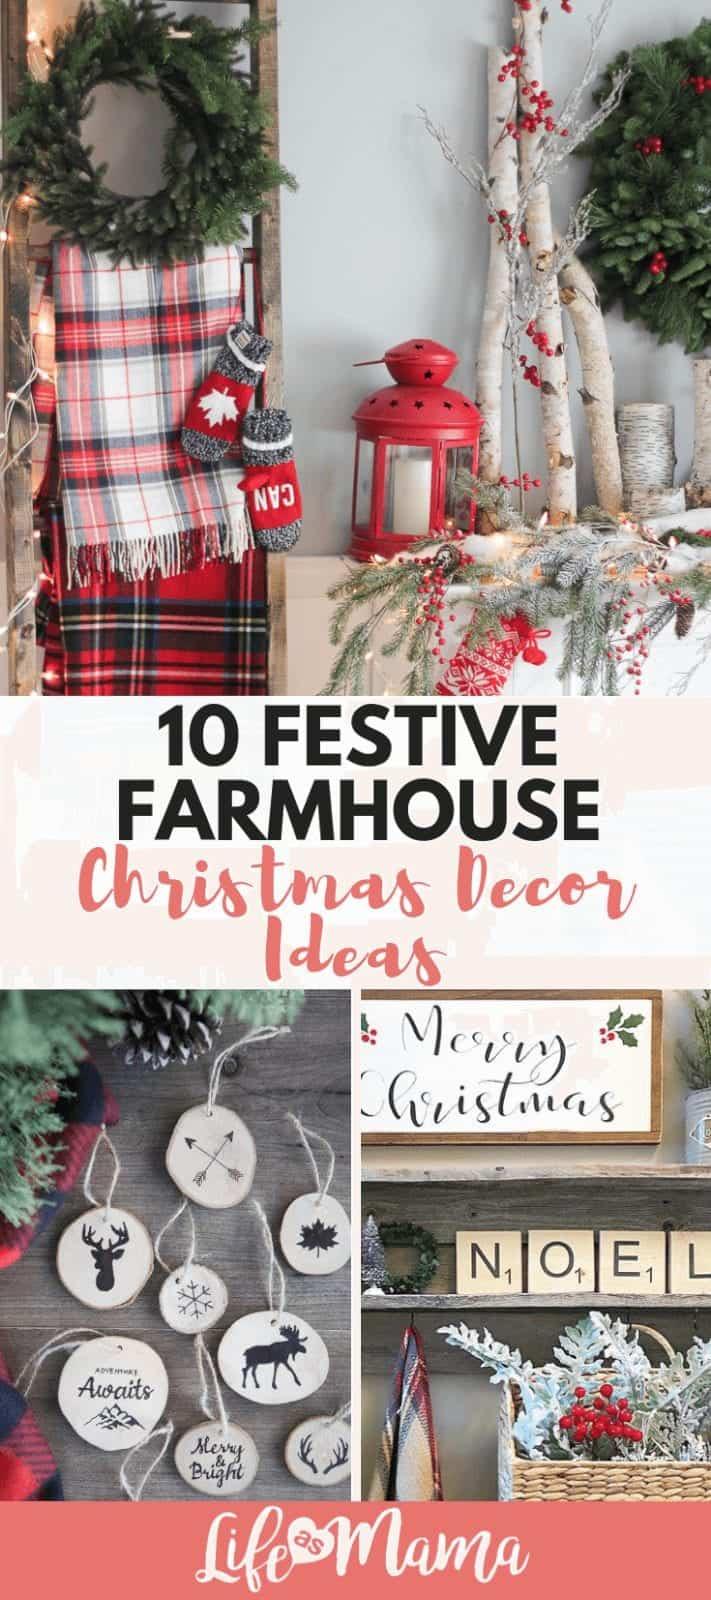 10 Festive Farmhouse Christmas Decor Ideas